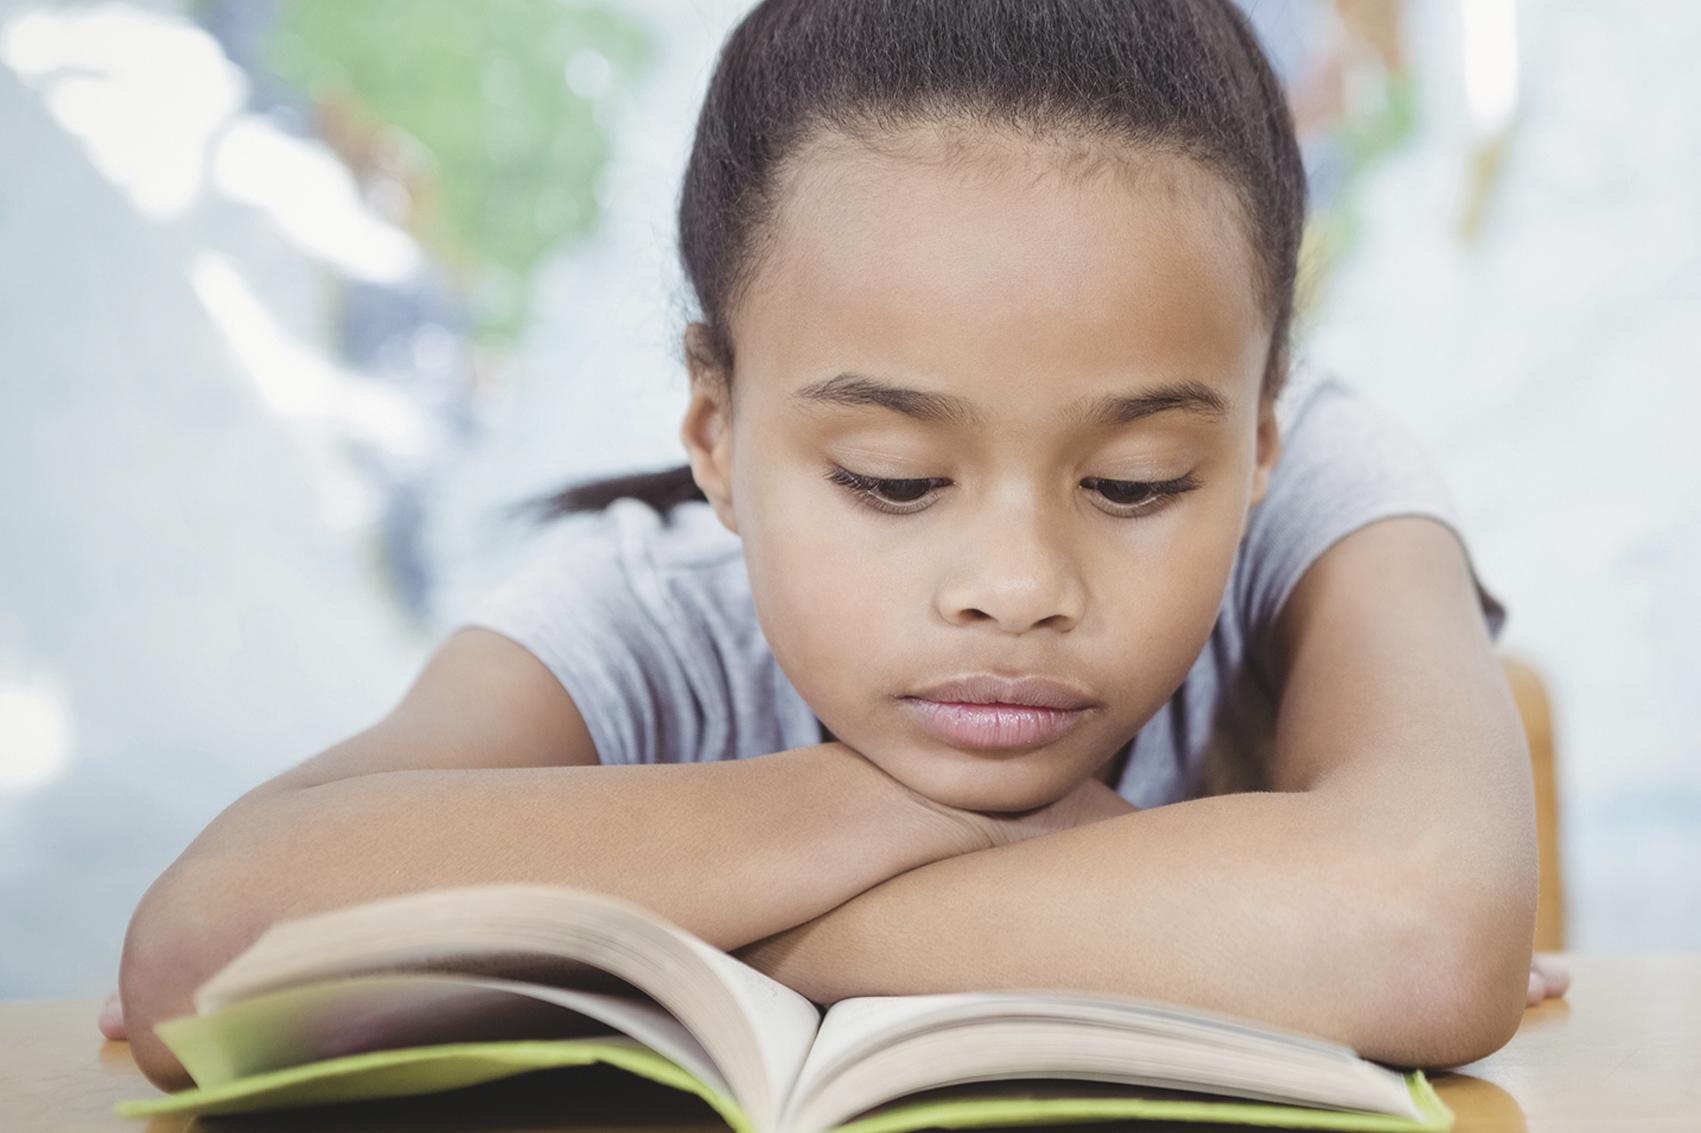 الوعي الفونولوجي وعلاقته بصعوبات القراءة في المرحلة المبكرة